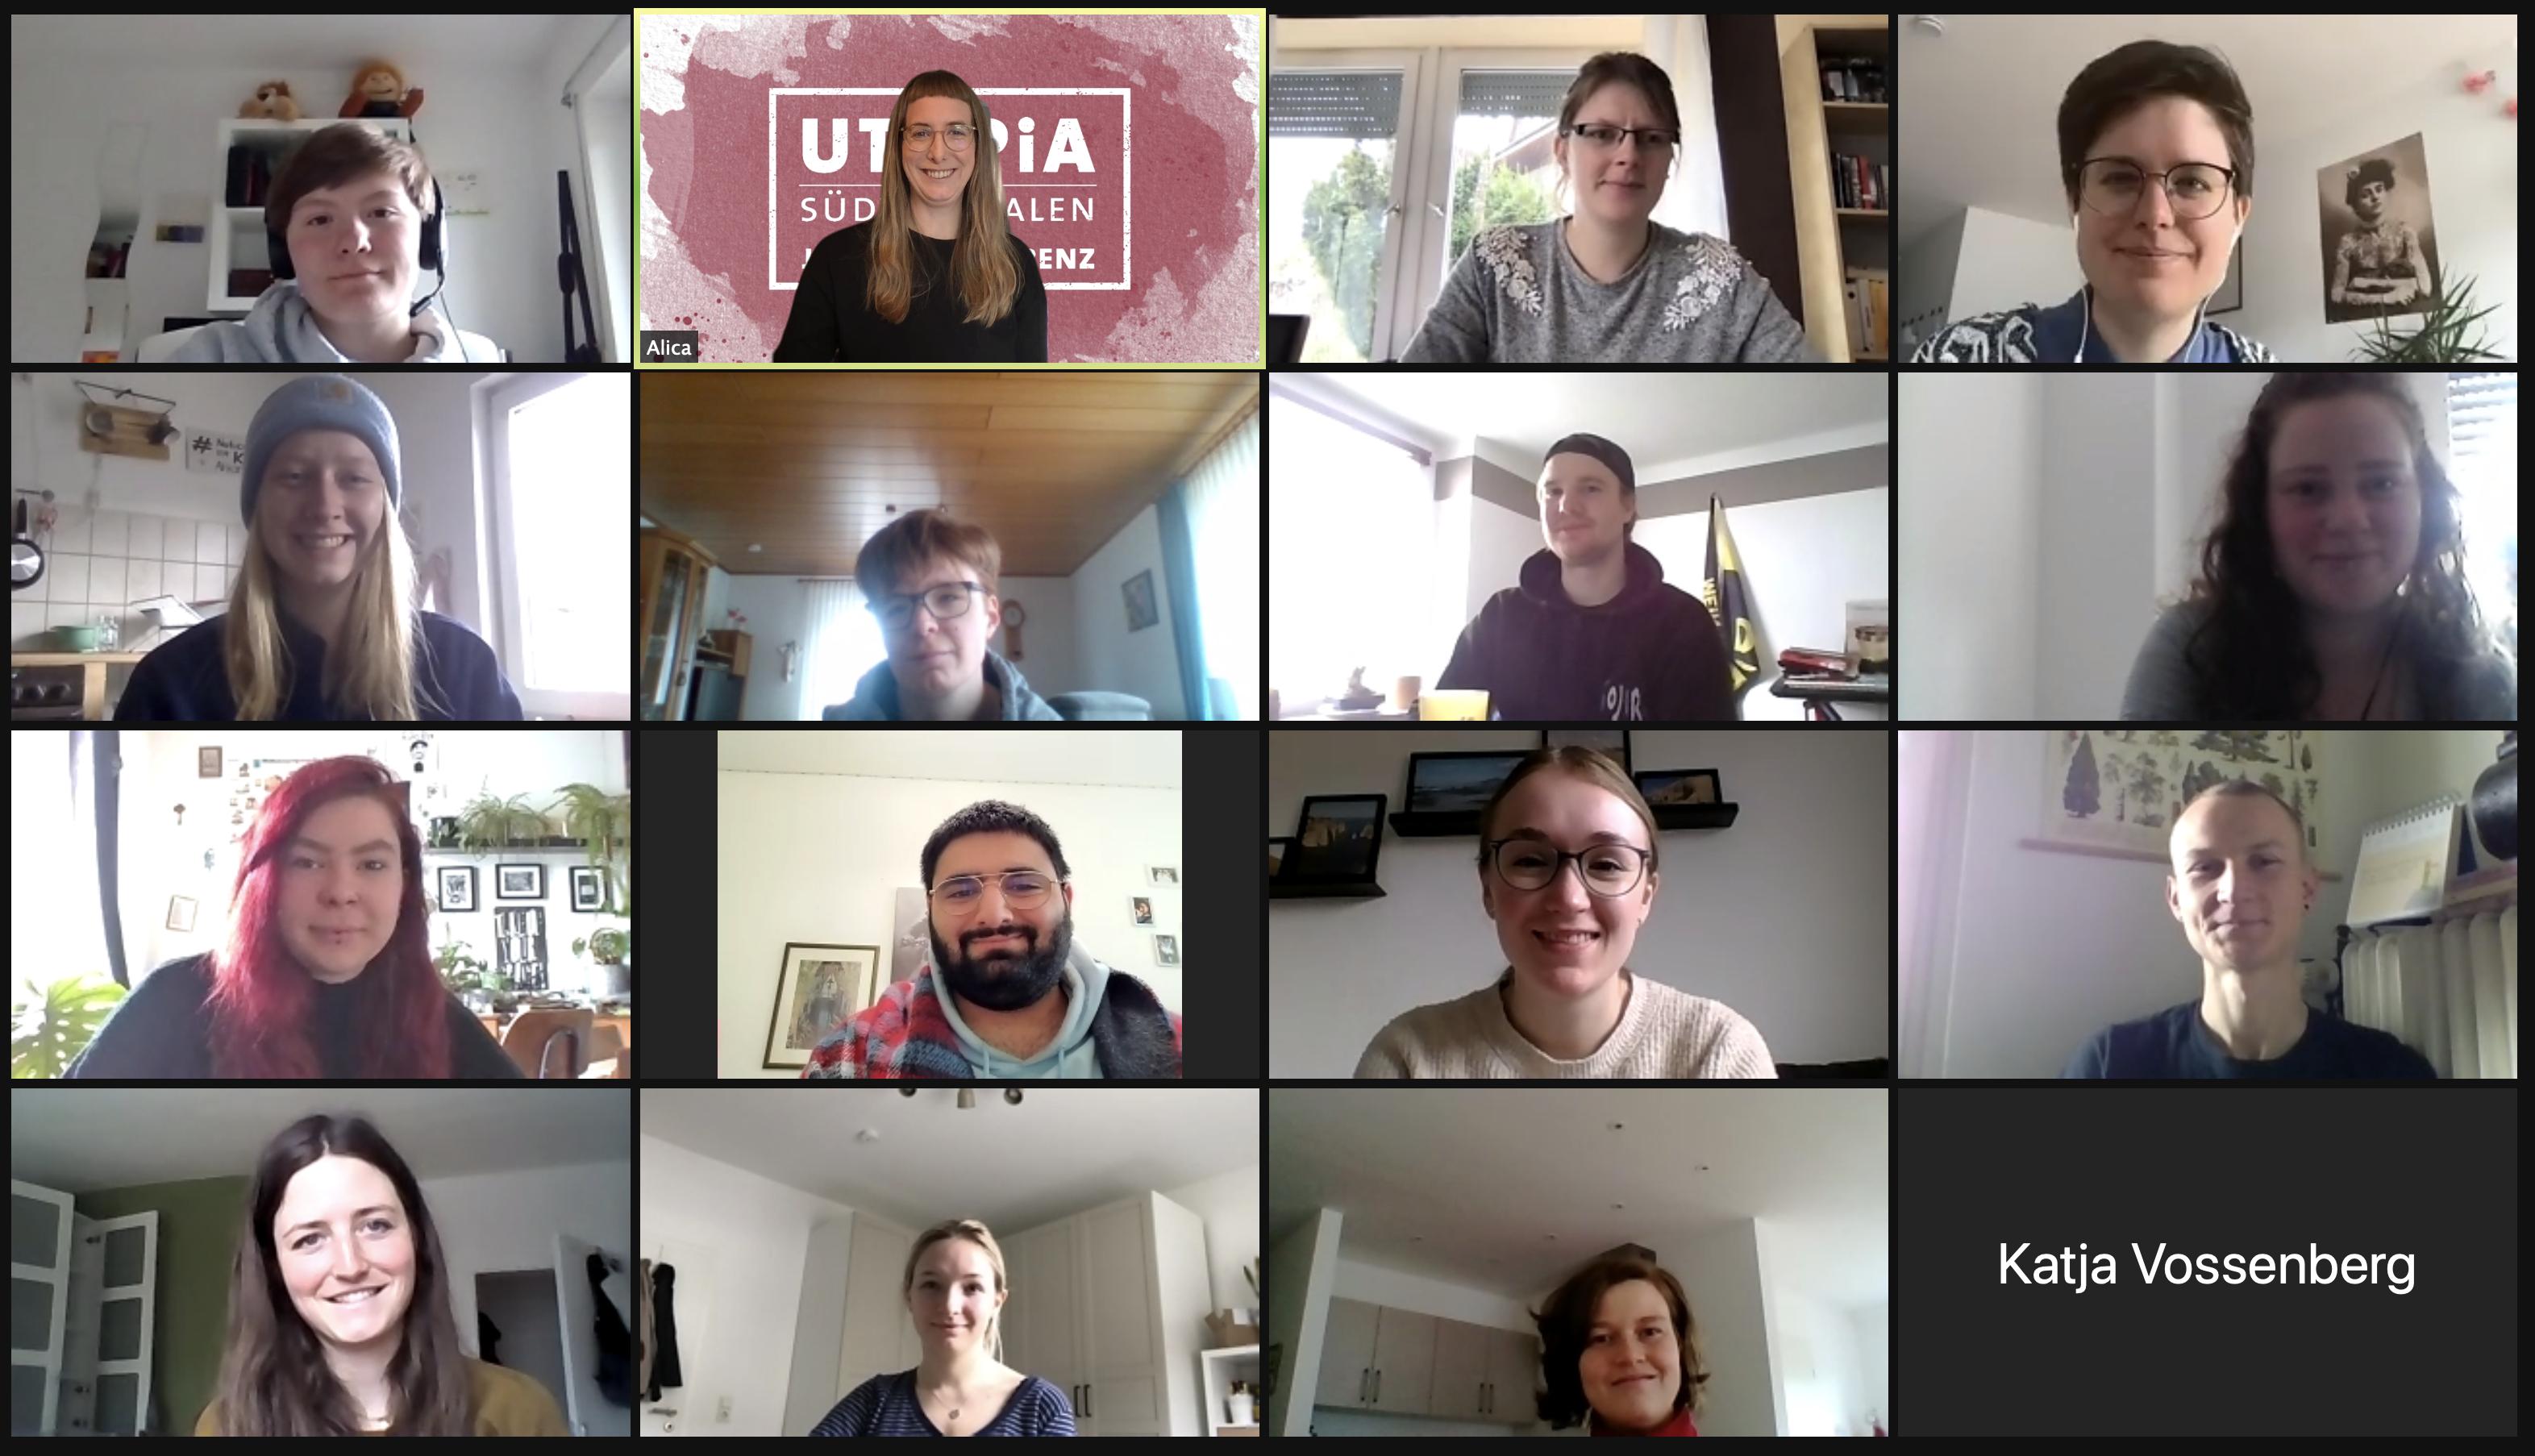 Jahresübersicht der UTOPIA-Veranstaltungen